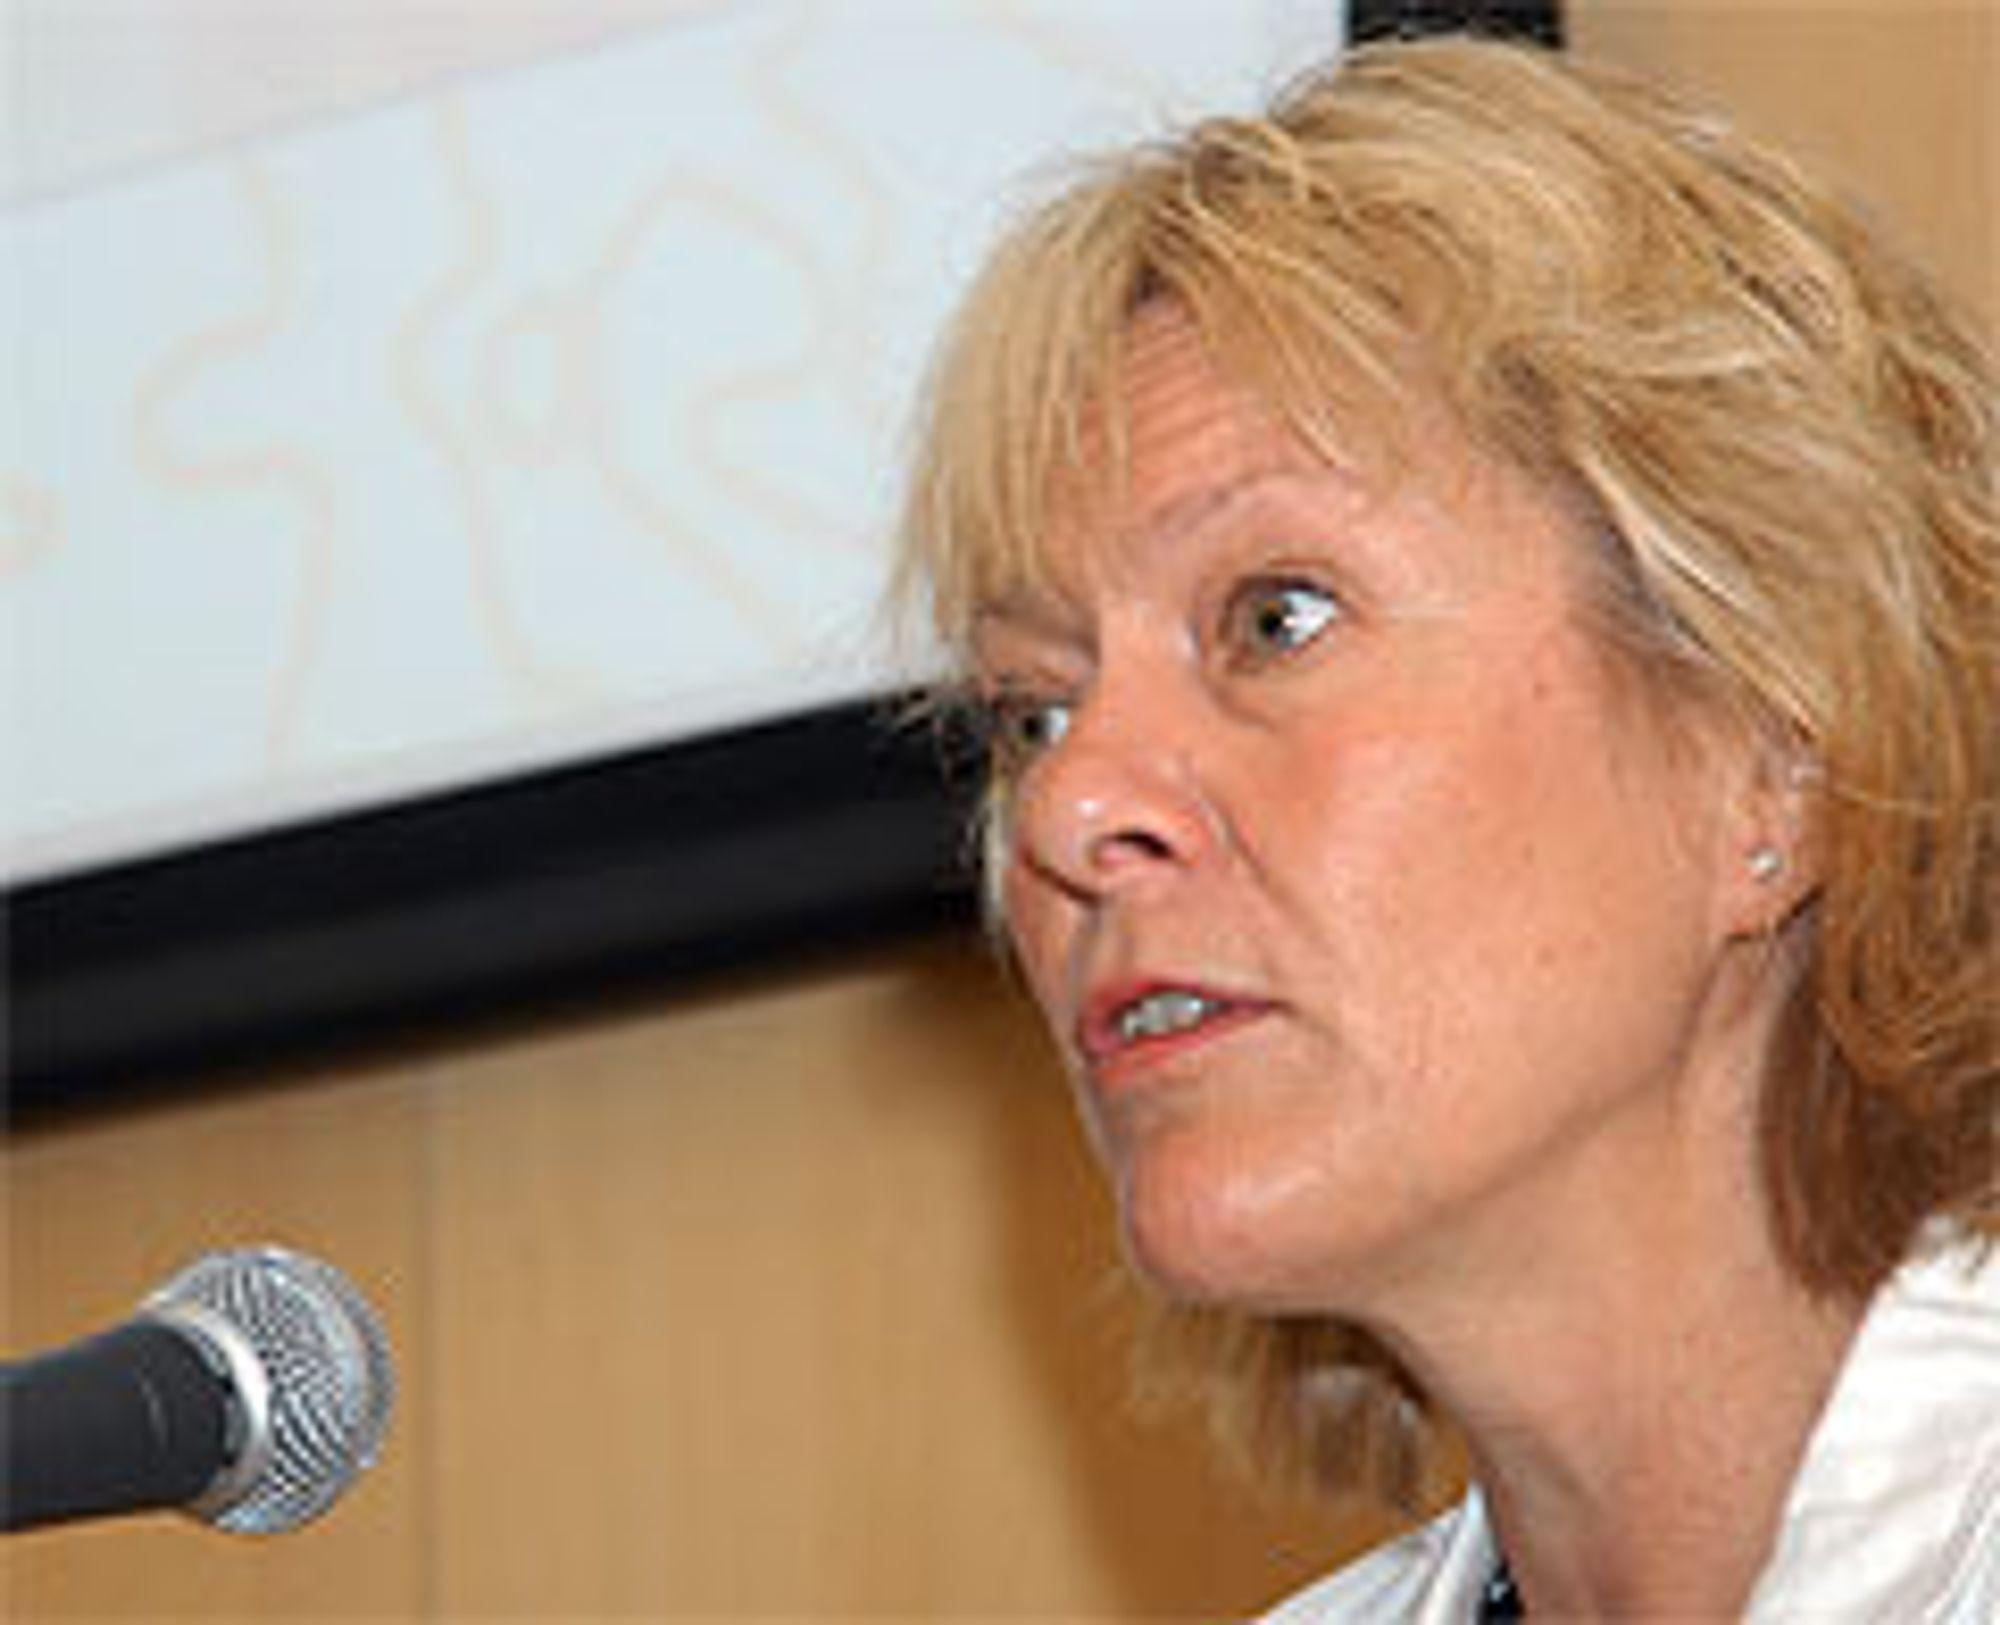 HYDROGENMINISTER: Statsråd Kristin Clemet understreket at Norge er forpliktet til å være med på å utvikle gode hydrogenteknologiske løsninger for framtida under en konferanse i Tokyo. Foto: Atle Abelsen